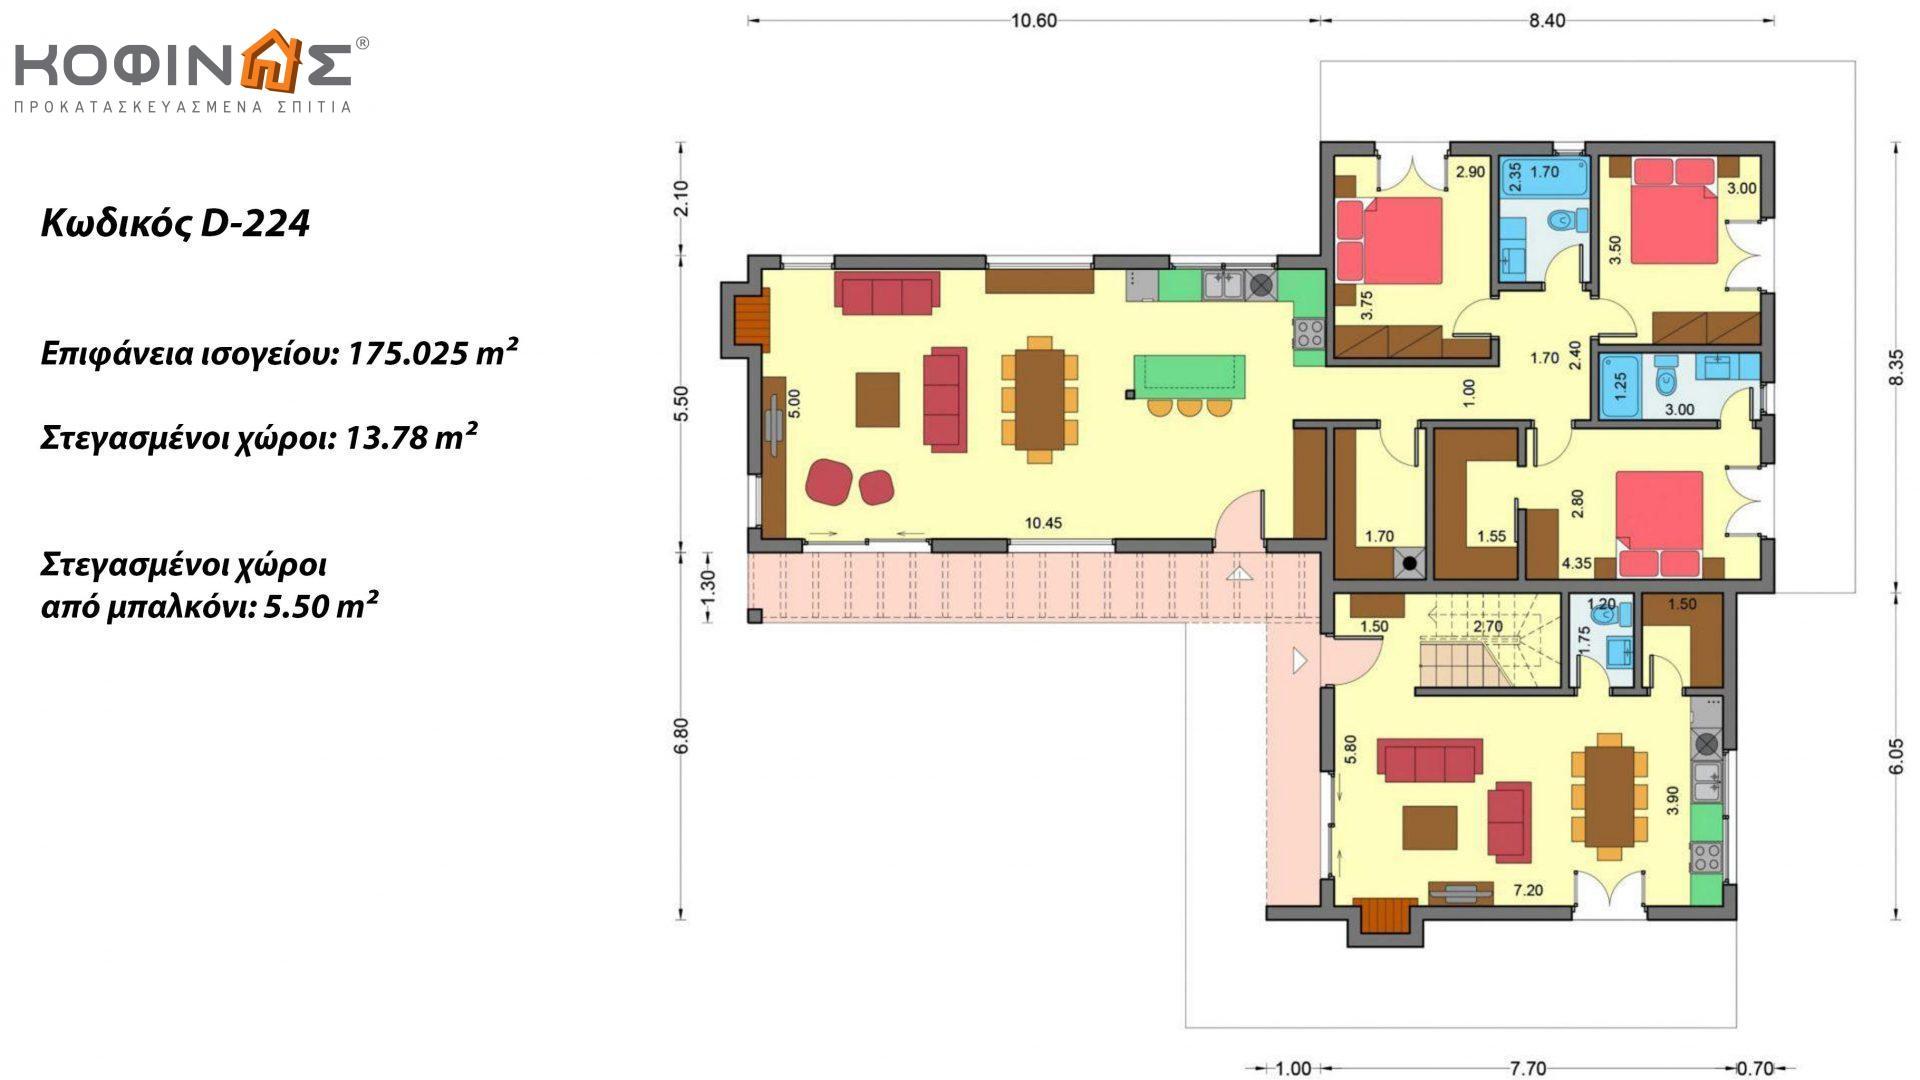 Συγκρότημα 2 κατοικιών D-224, συνολικής επιφάνειας 224,68 τ.μ. ,συνολική επιφάνεια στεγασμένων χώρων 24.88 τ.μ., μπαλκόνια 75.44 τ.μ.